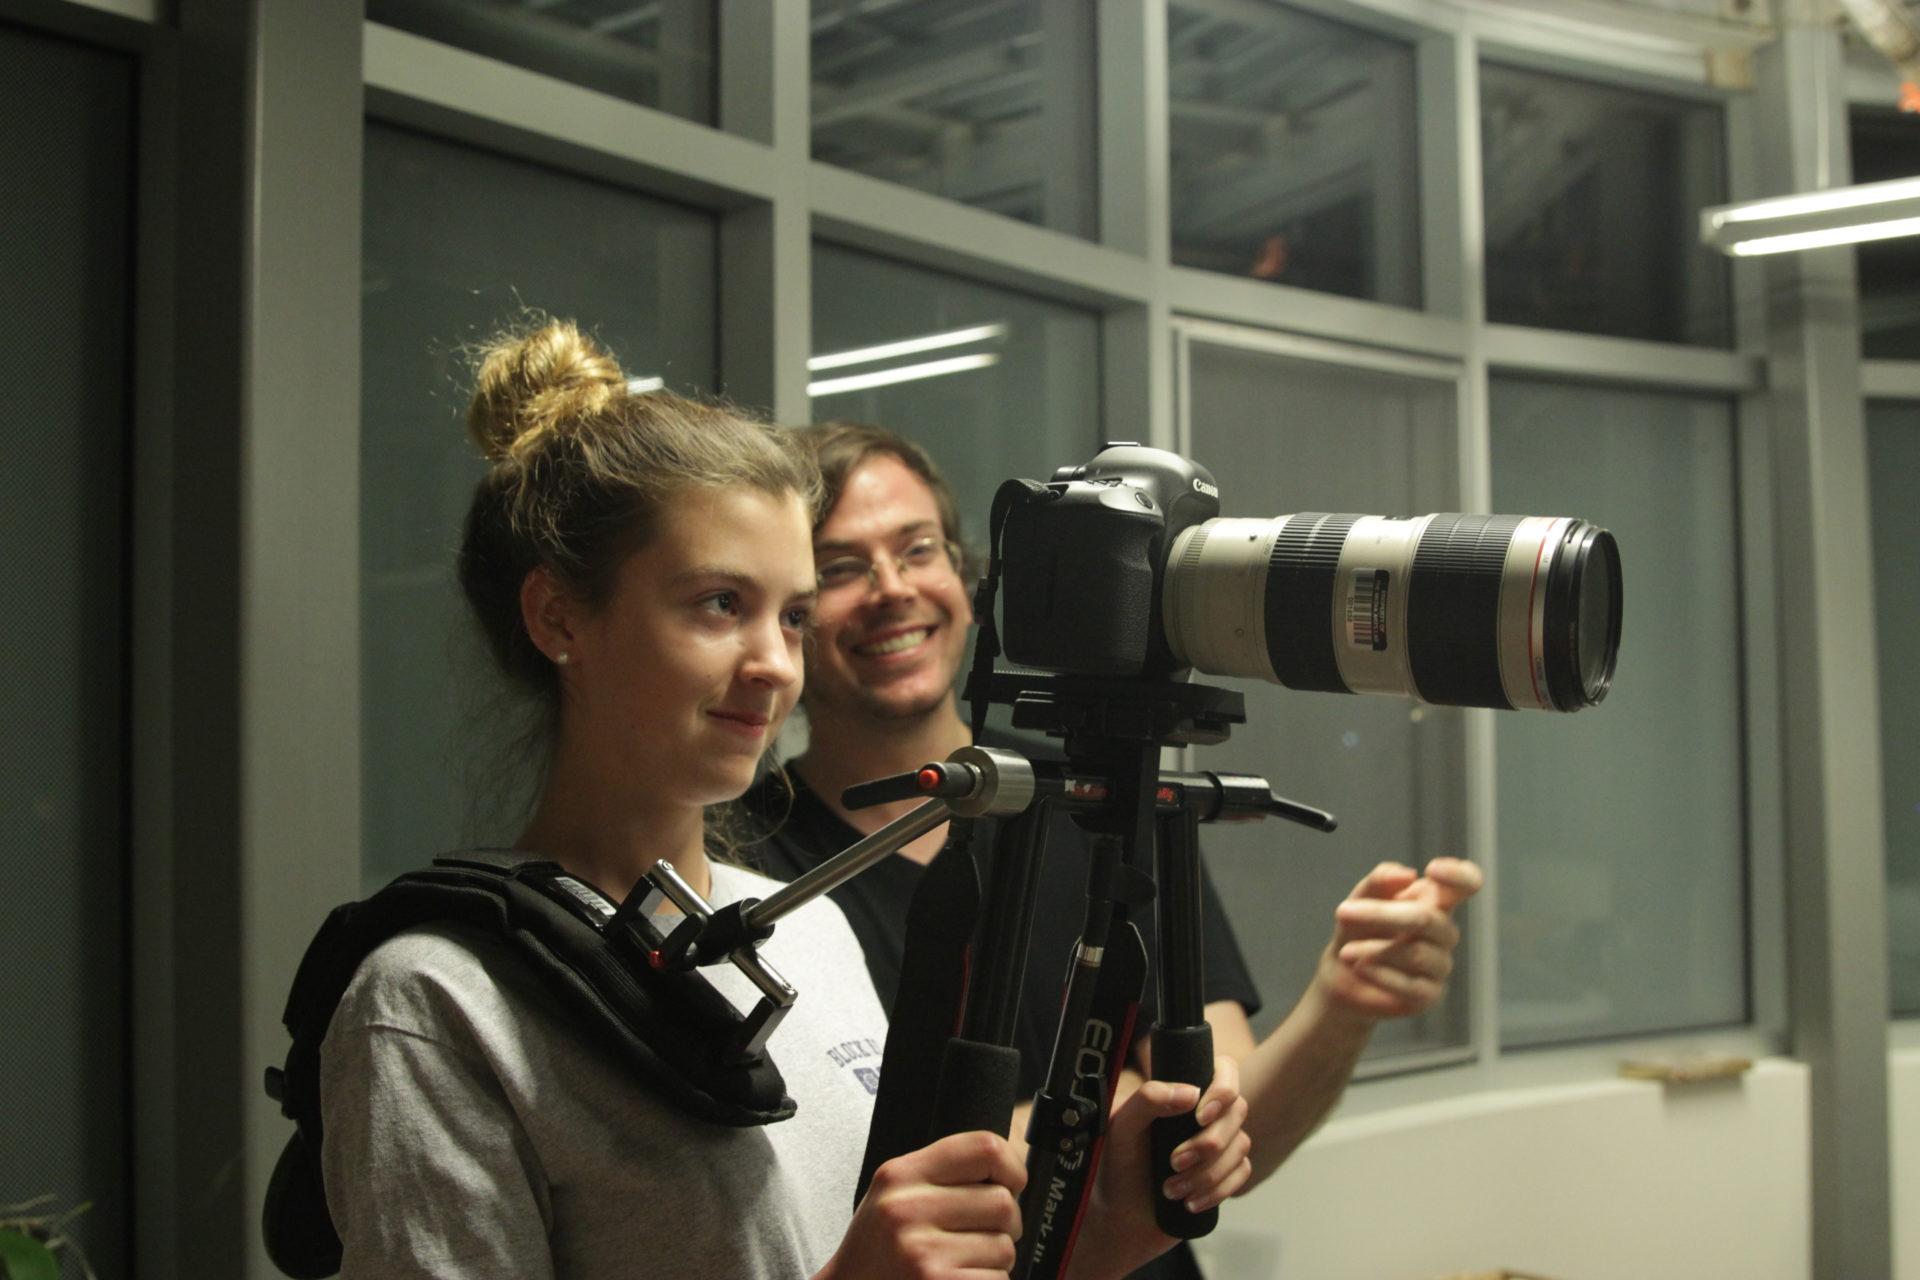 Burns Film Challenge, Grades 9-12